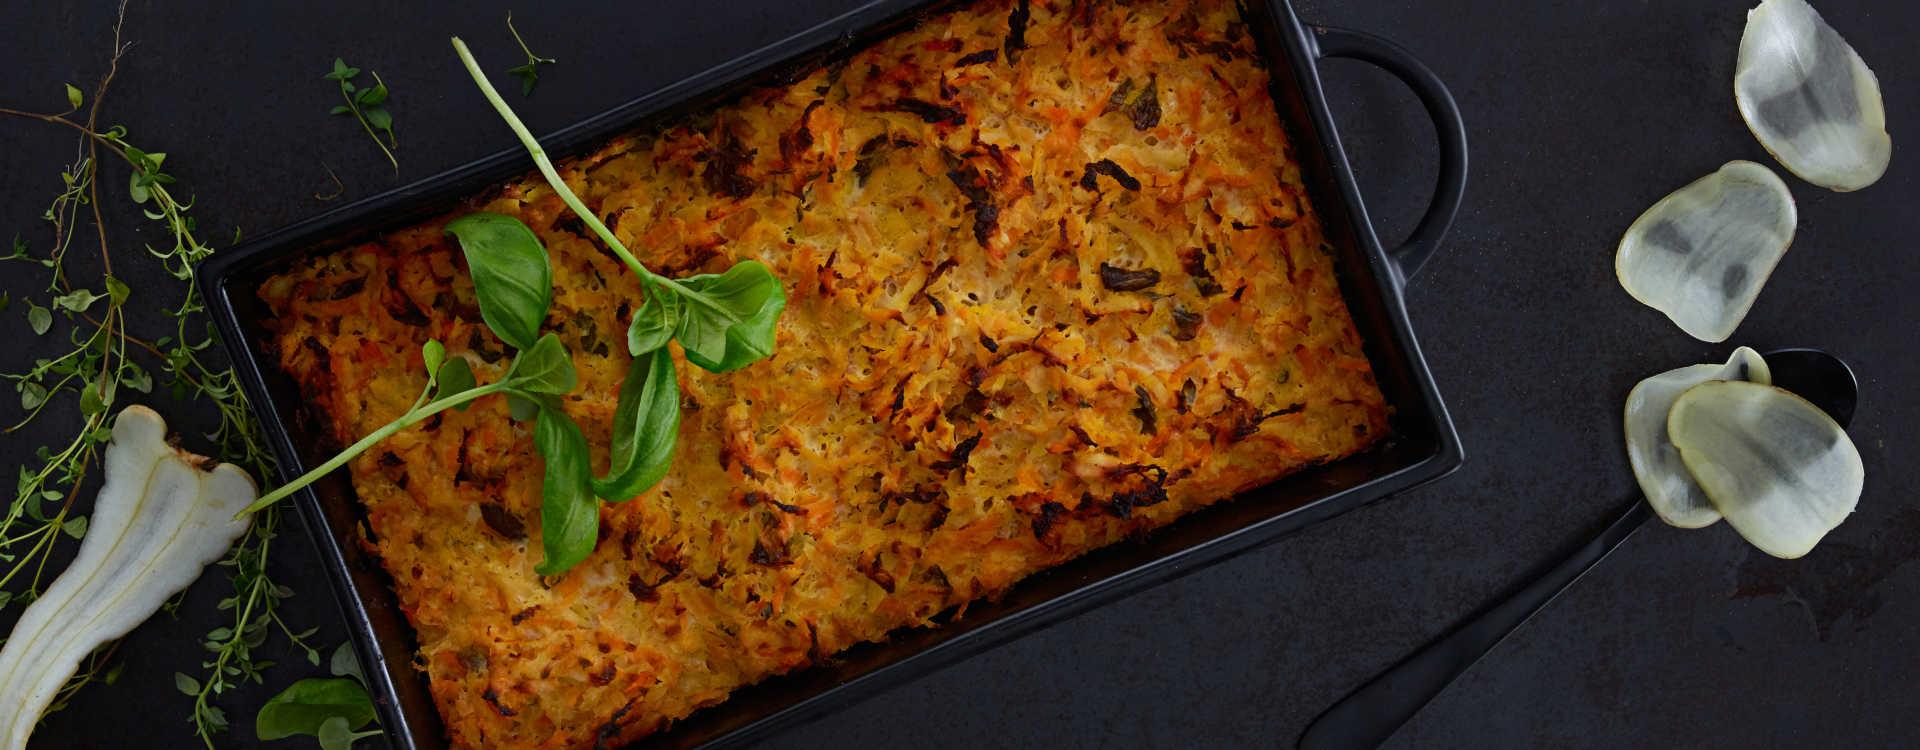 Kake av rotgrønnsaker med kremost og urter